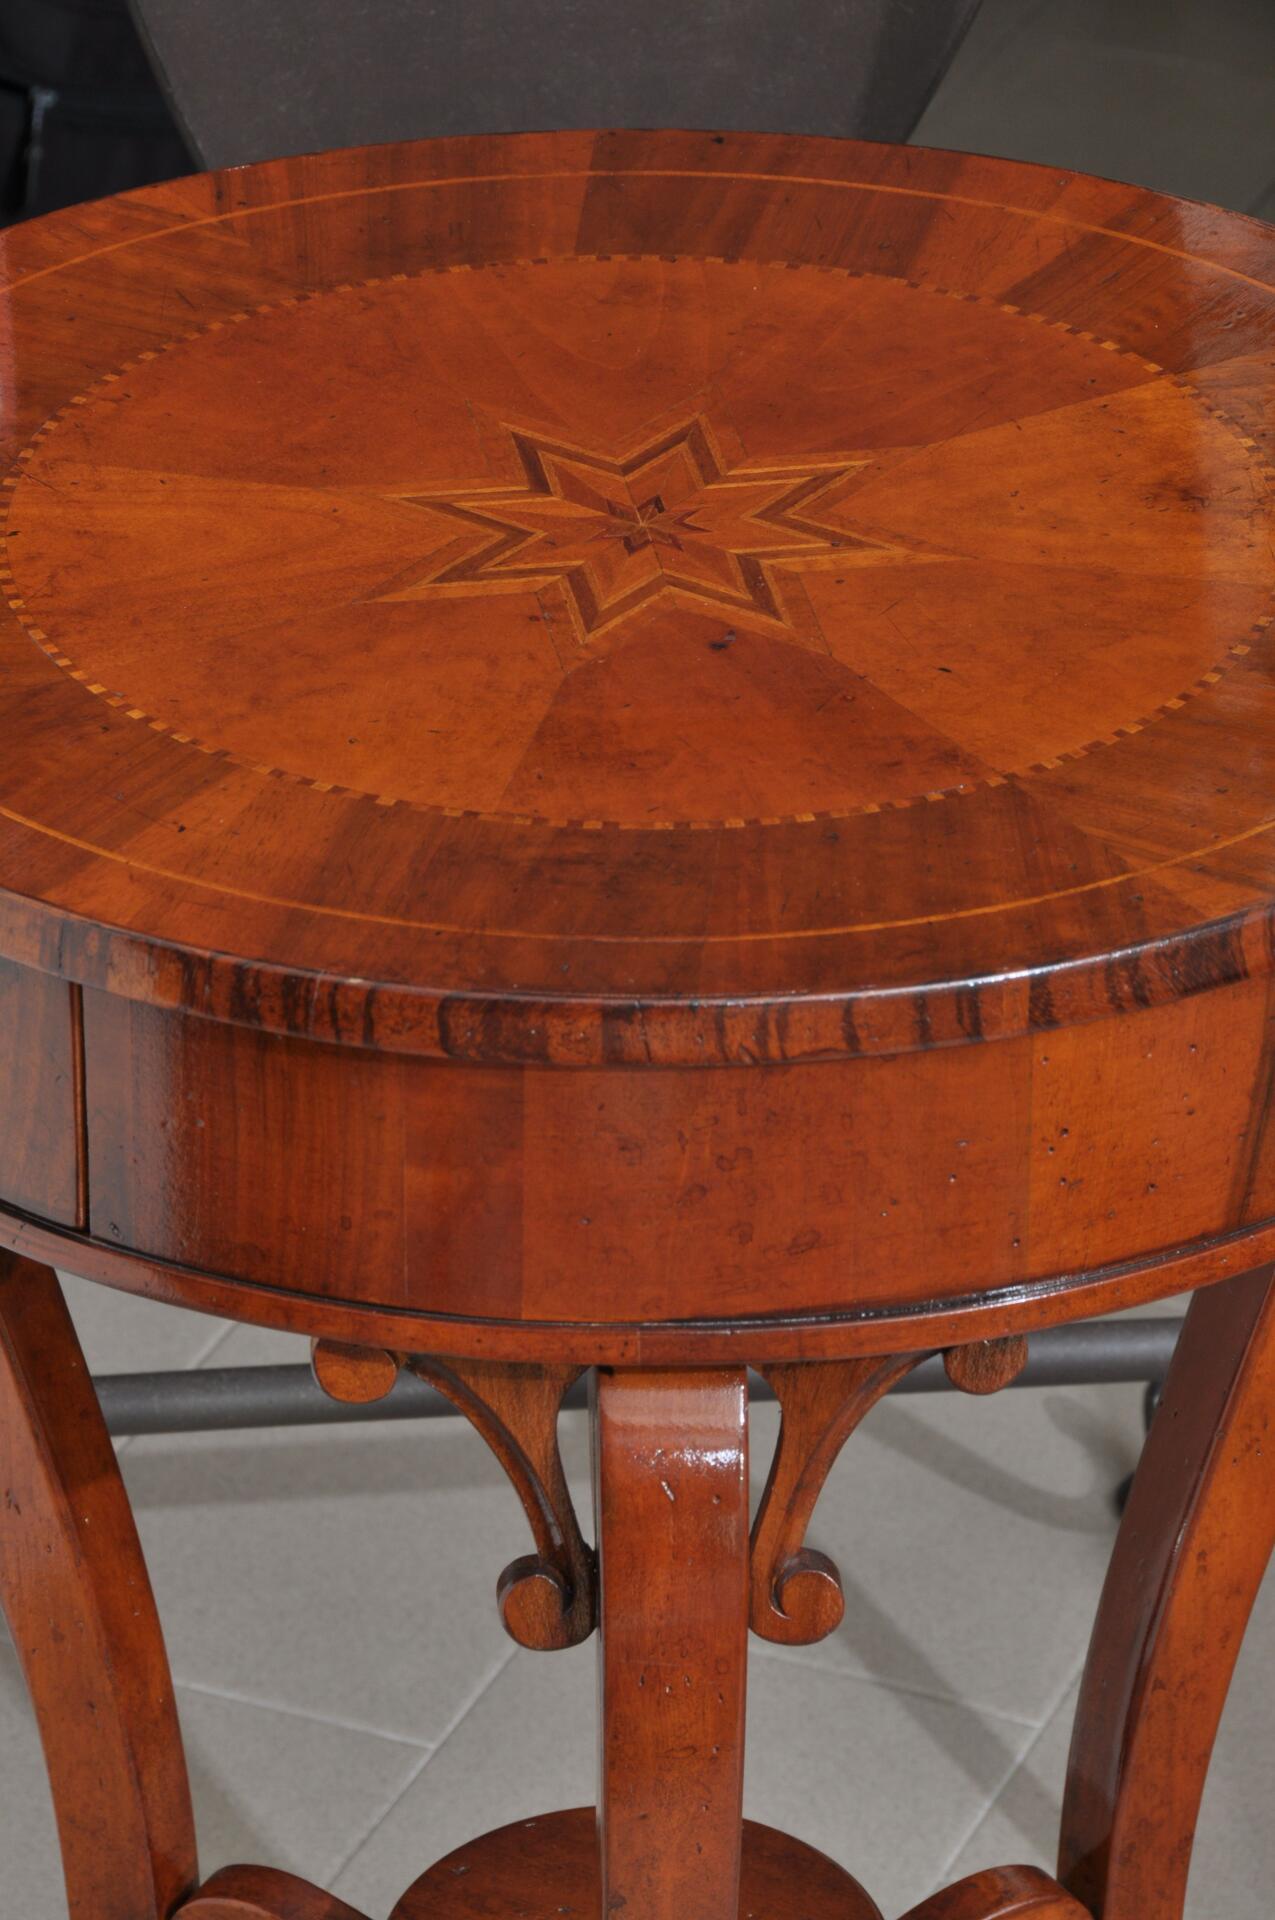 tavolini per salotto classici: tavolini classici grezzi. salotto ... - Tavolini Da Salotto Rotondi Classici